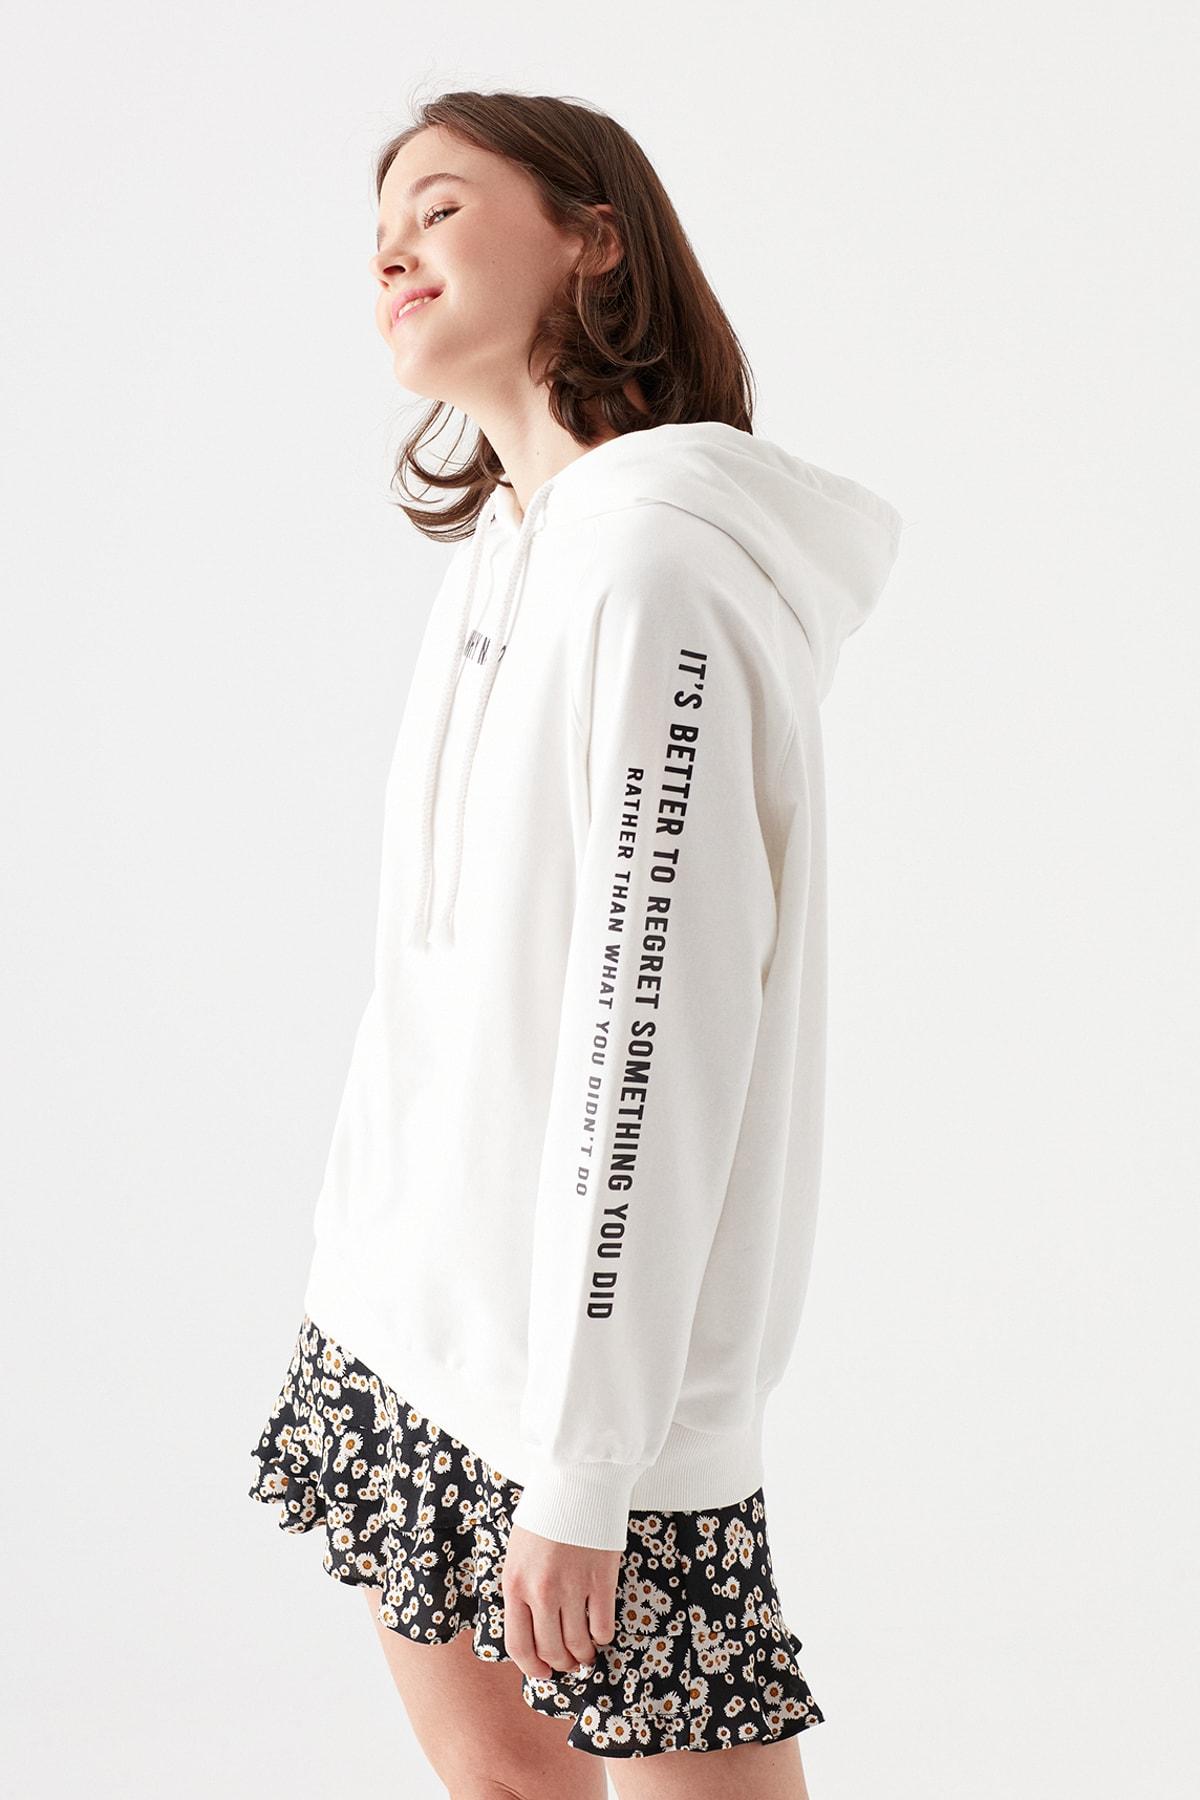 Kadın Why Not Baskılı Kapüşonlu Sweatshirt 1600516-33389